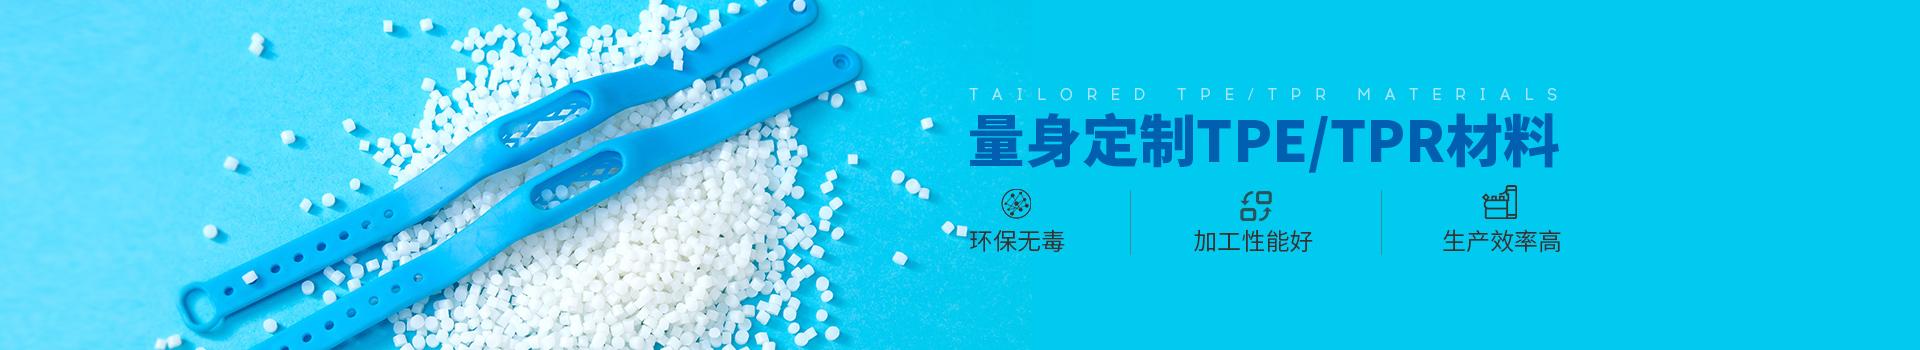 国丰-量身定制TPE/TPR材料